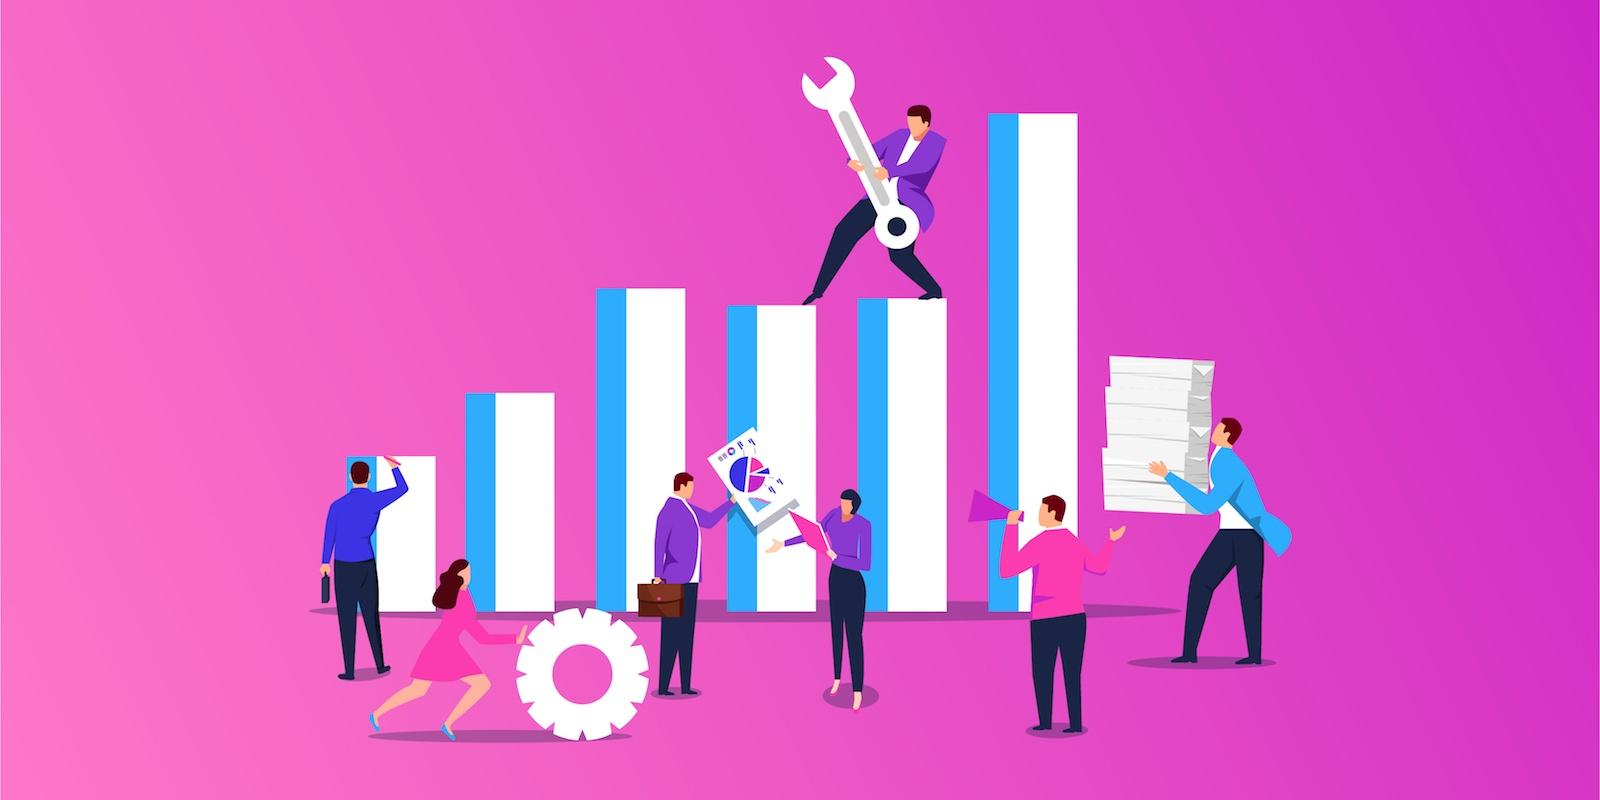 Performance metrics examples